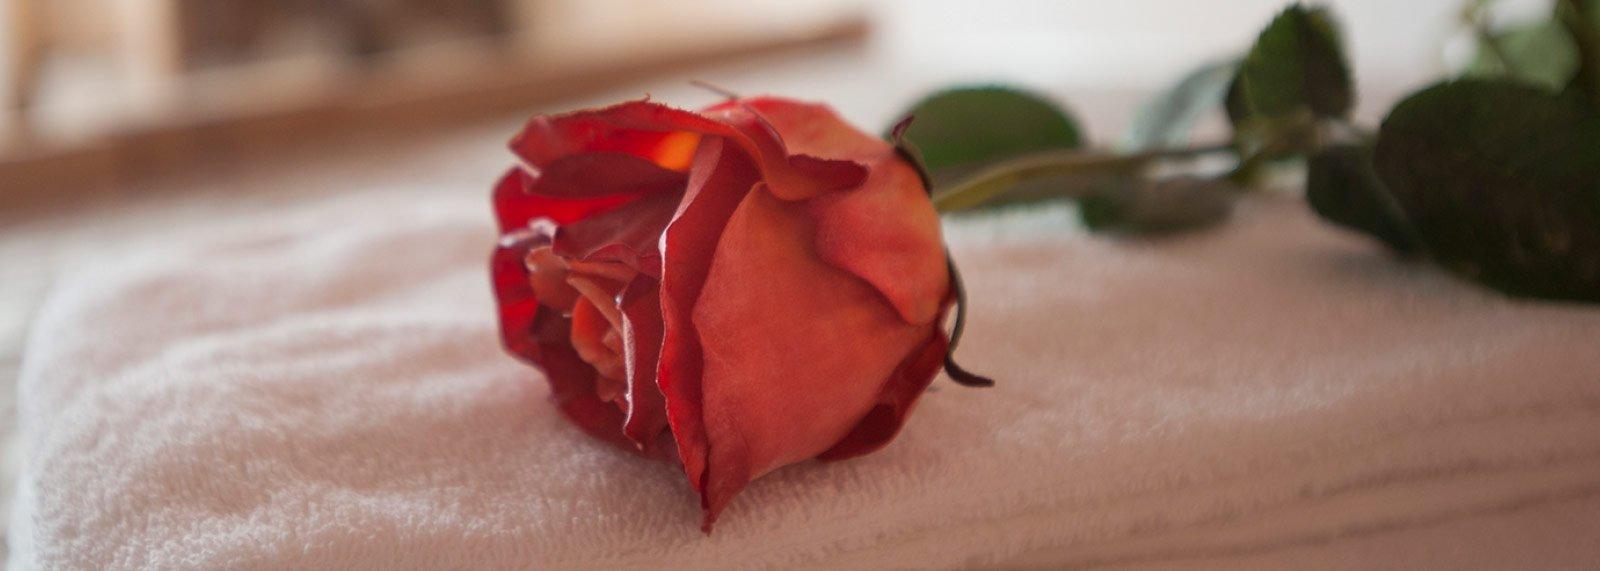 Gallery delle camere - La rosa nel borgo